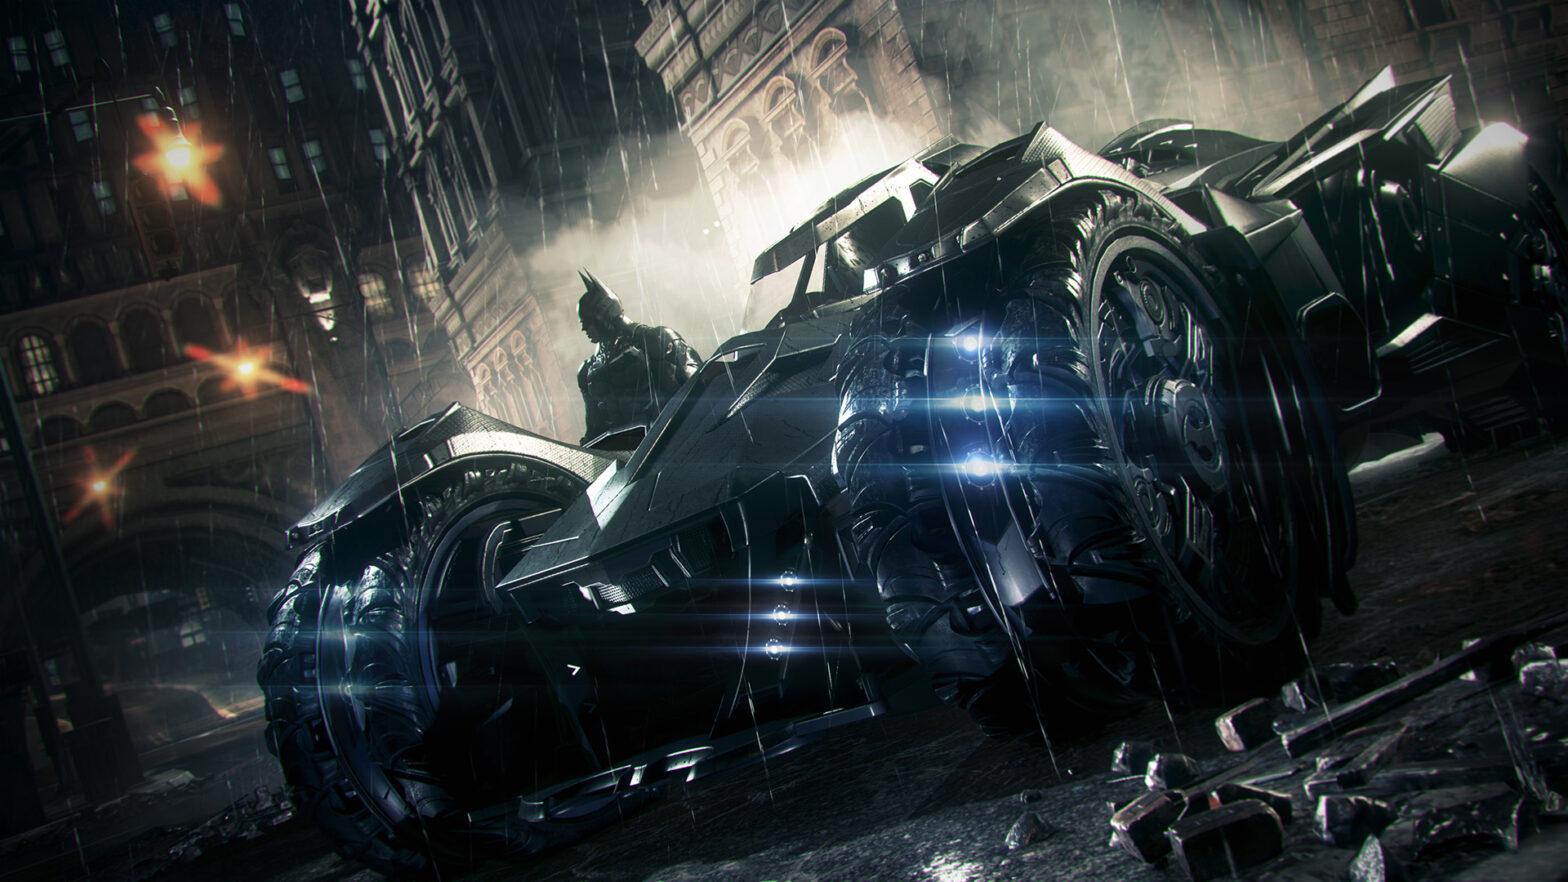 Warner betreibt Wiedergutmachung bei den Käufern von Batman: Arkham Knight